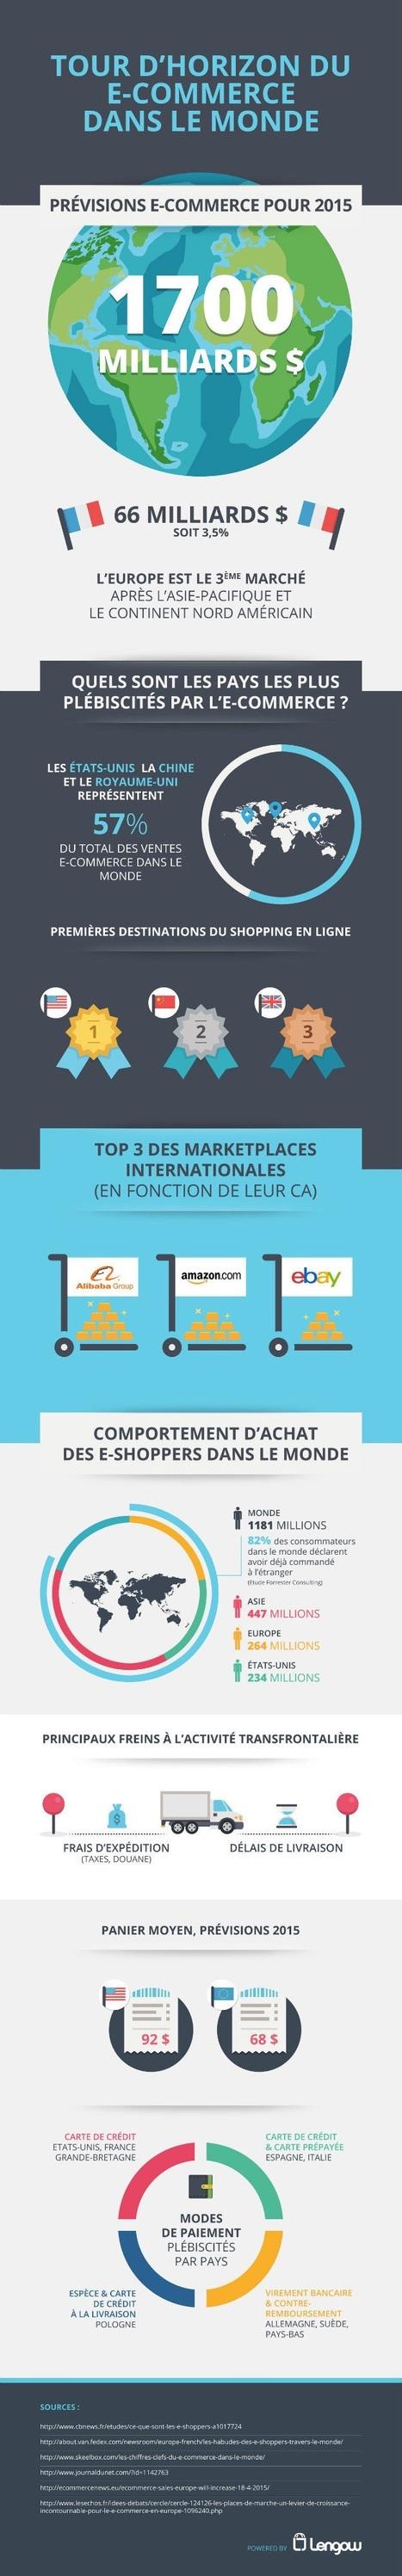 Le marché tricolore du e-commerce devrait peser 66 milliards de dollars cette année | logistique e-commerce | Scoop.it